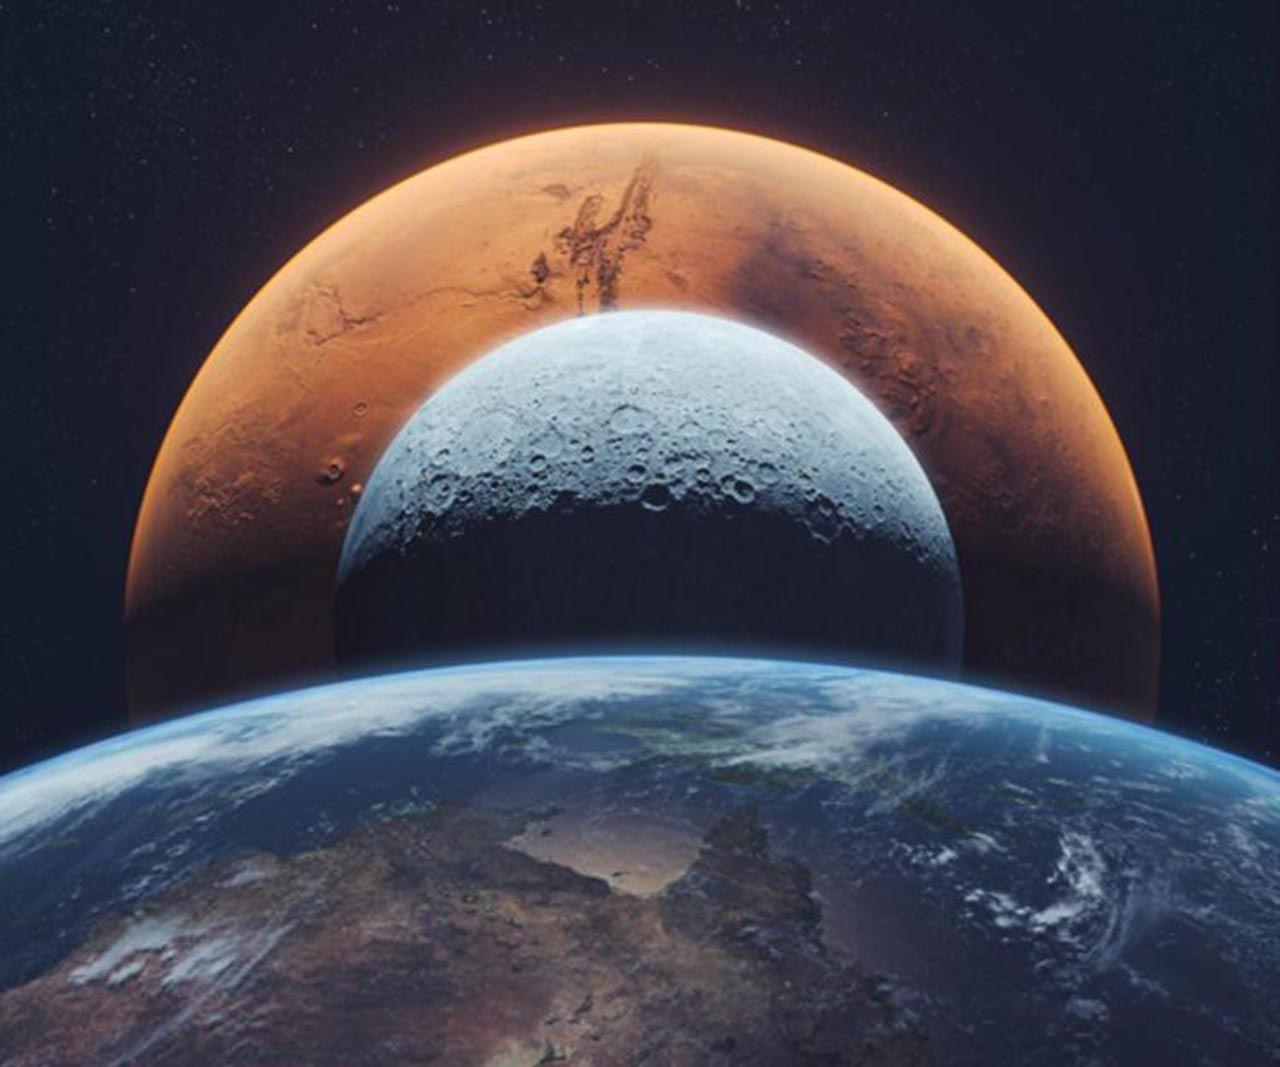 612 bin yılda bir gerçekleşiyor: Dünya'ya ziyaret için tarih verildi - Resim: 4